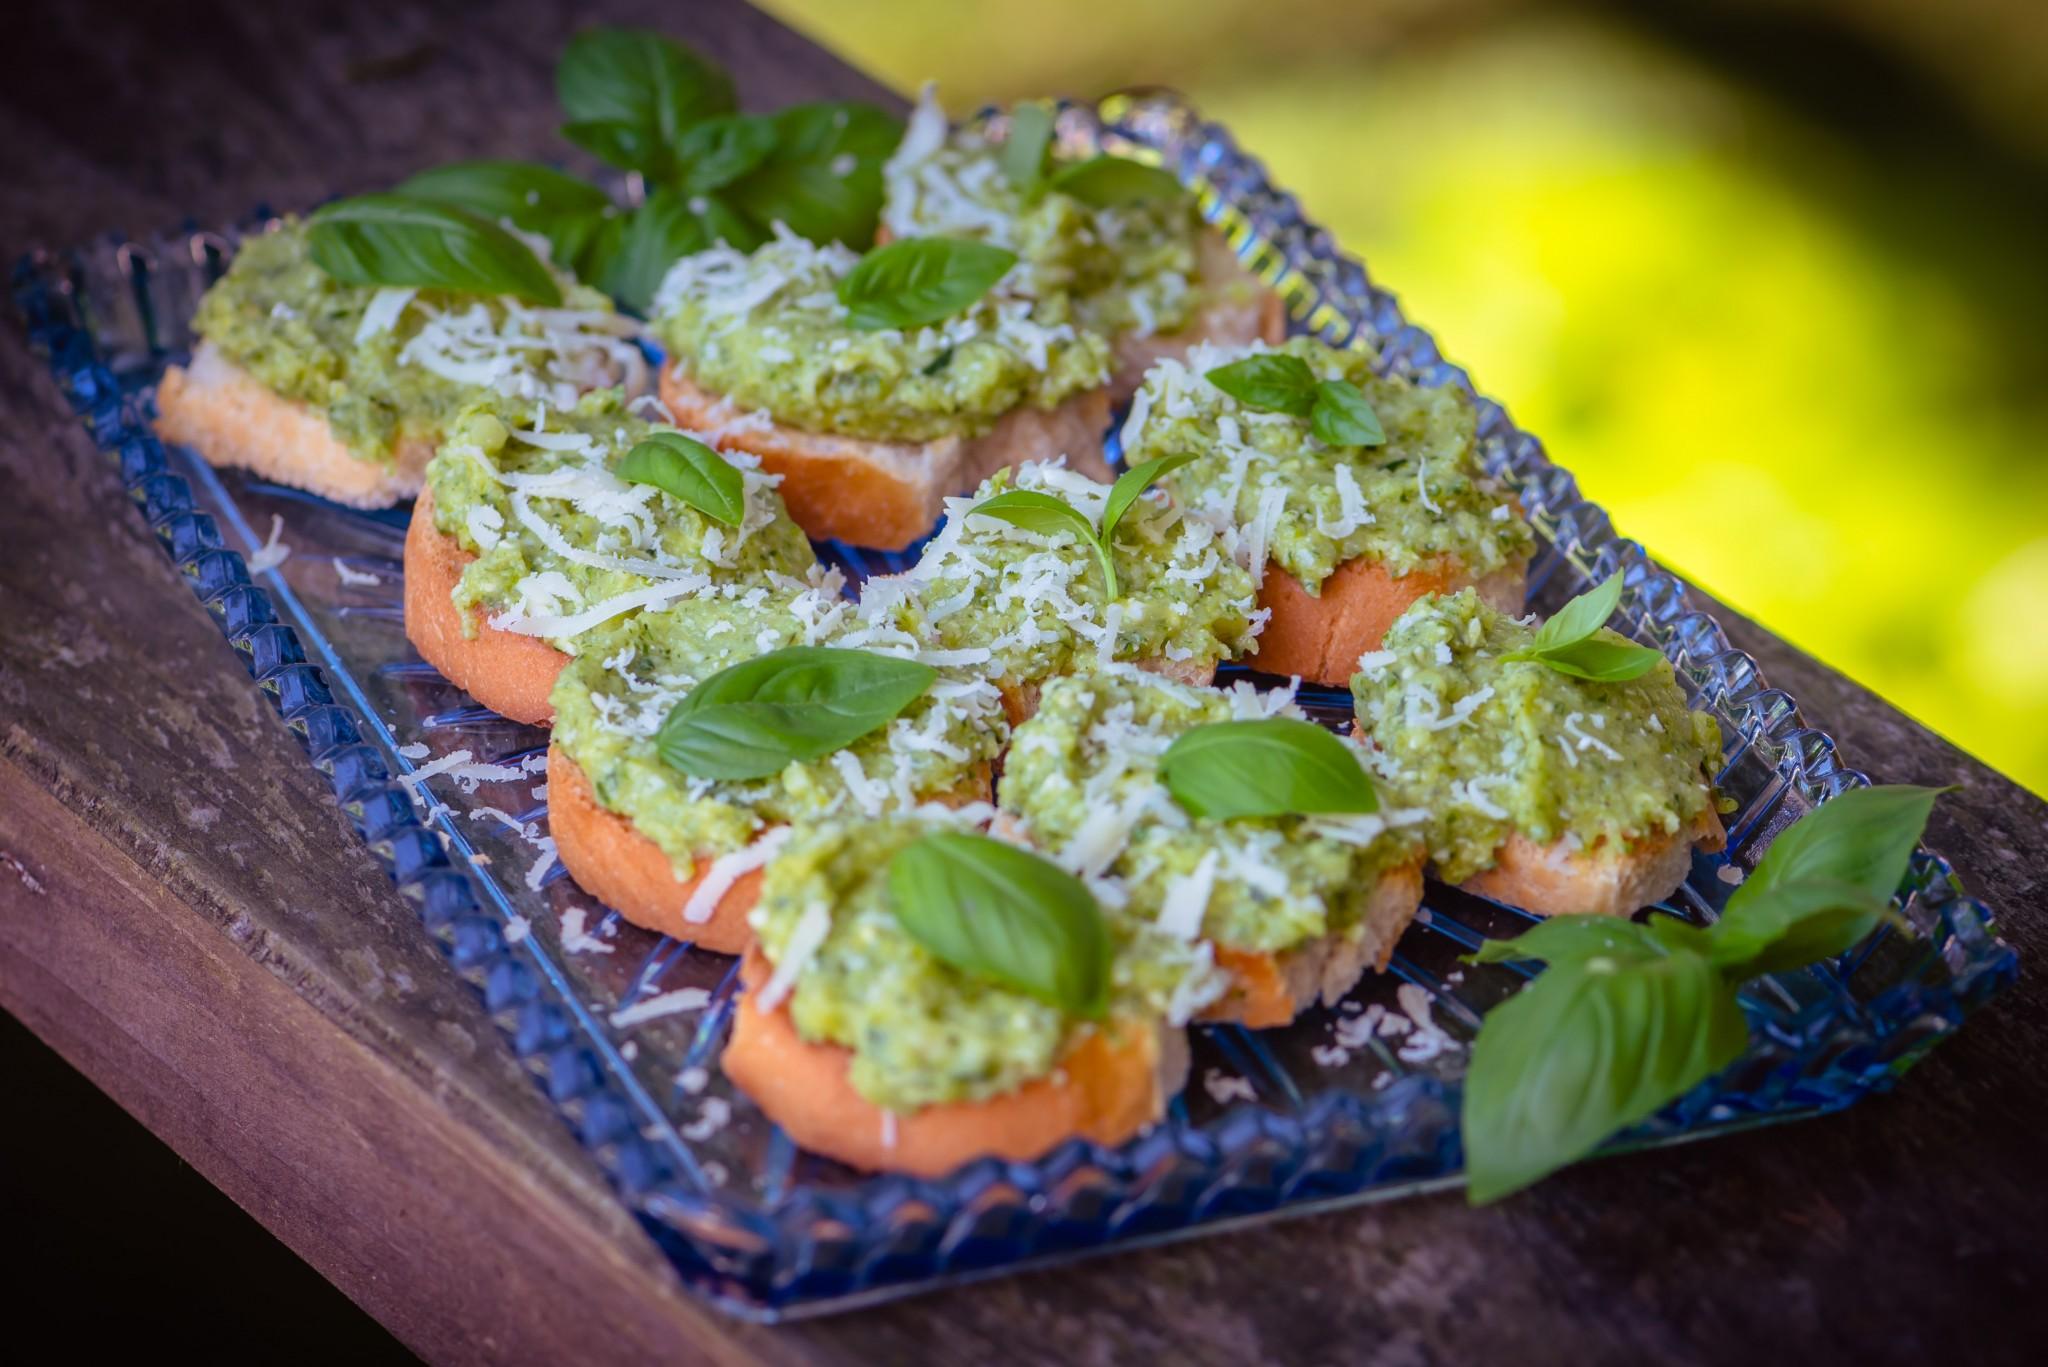 Bruschette mit Zucchinicreme